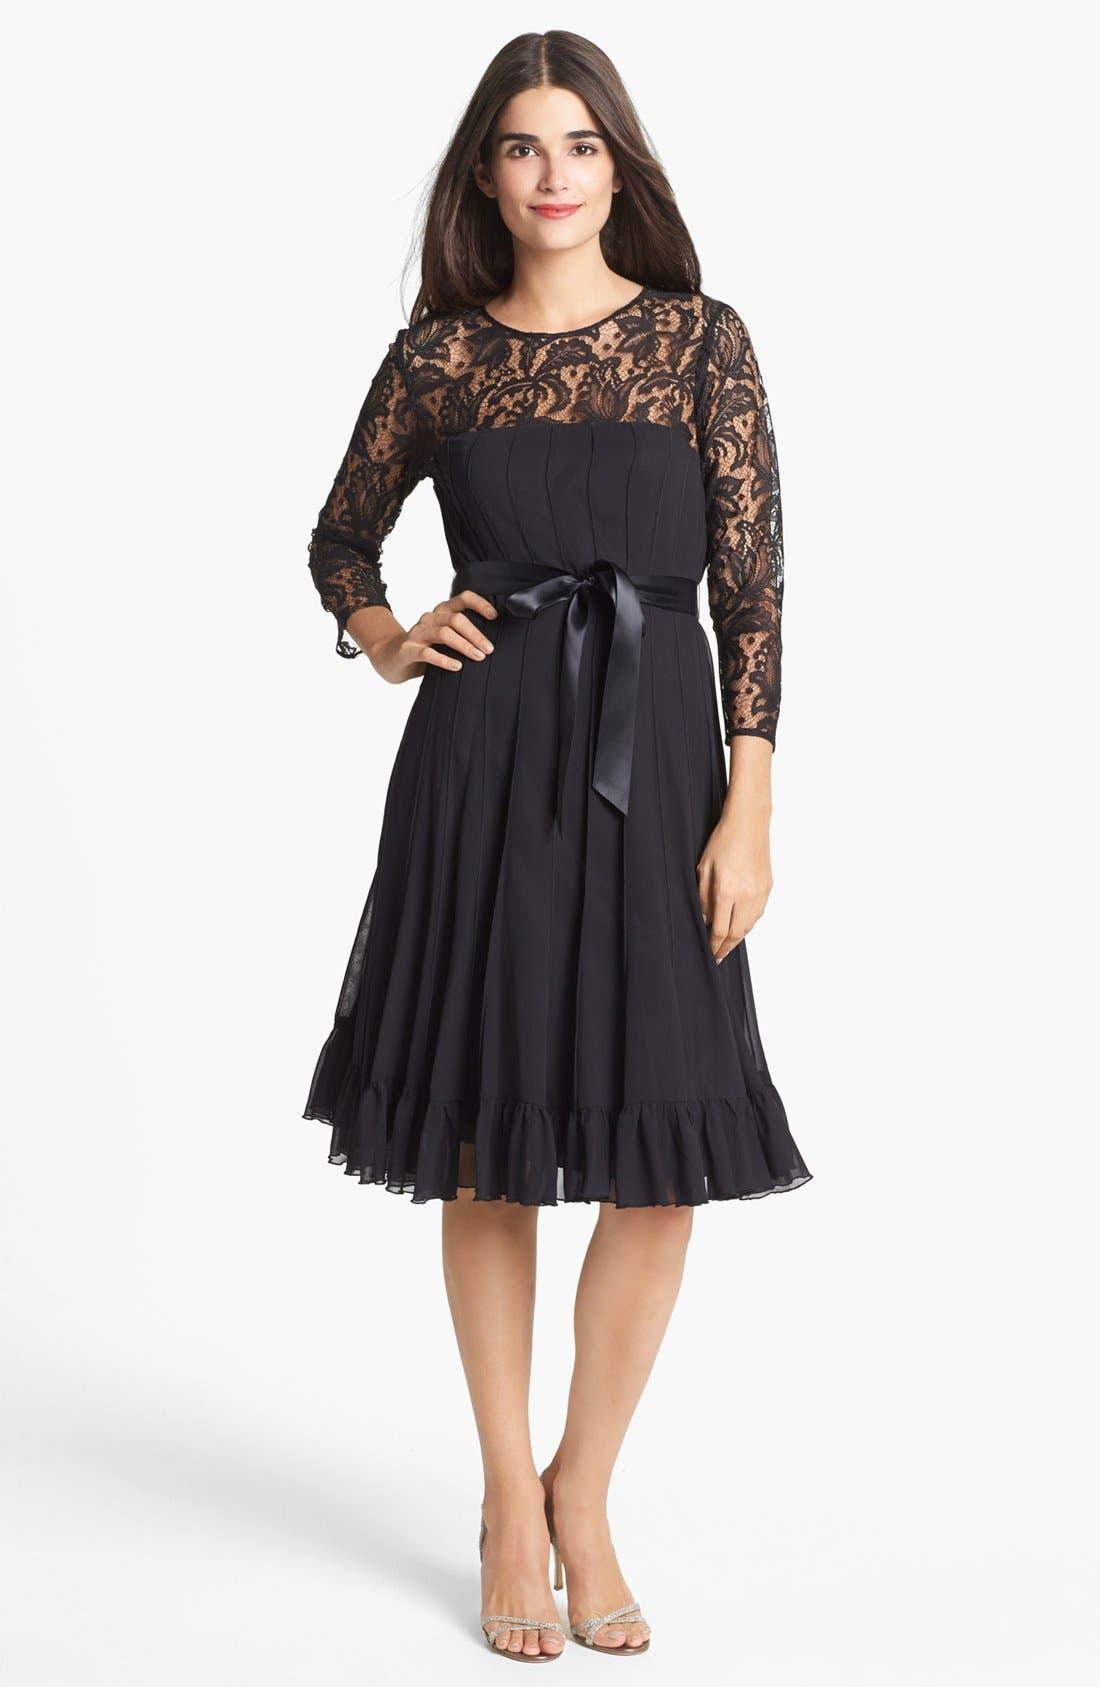 Main Image - Adrianna Papell Lace Yoke Chiffon Fit & Flare Dress